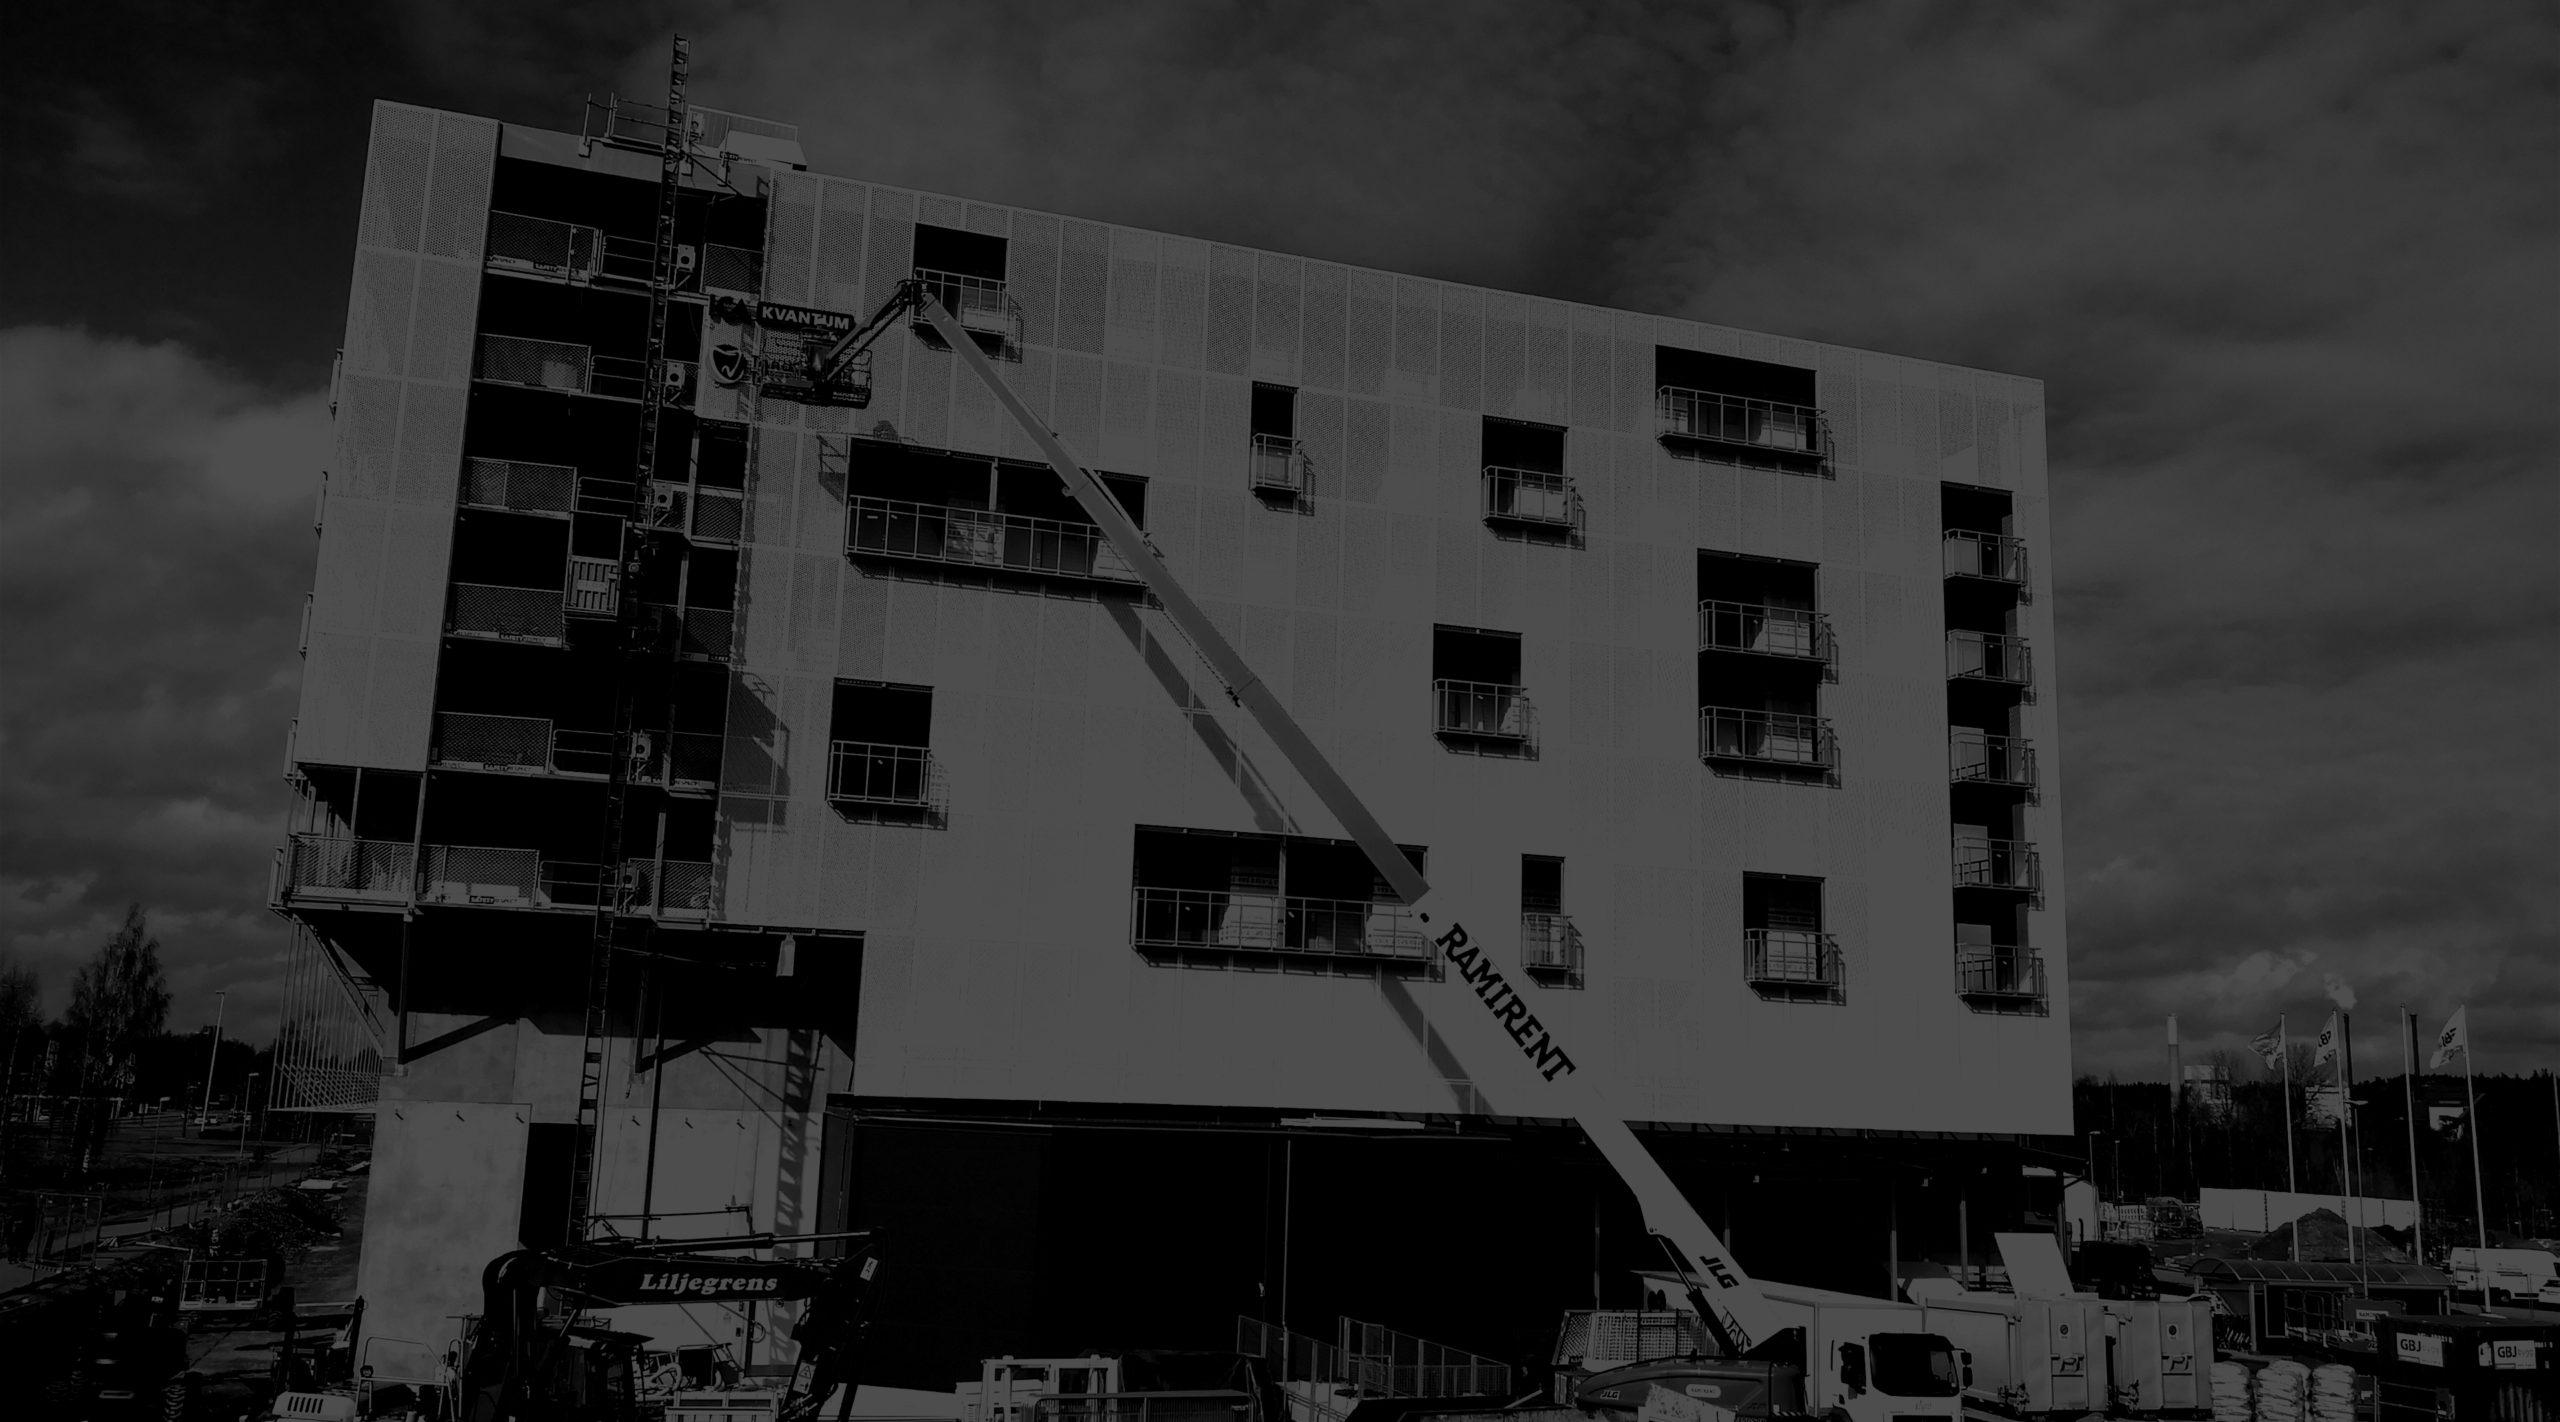 Skyltar, Jönköping, Skyltlösningar, Fasadskylt, LEDskylt, belysta skyltar, skylt, profilskylt, profilbokstäver, 3dskyltar